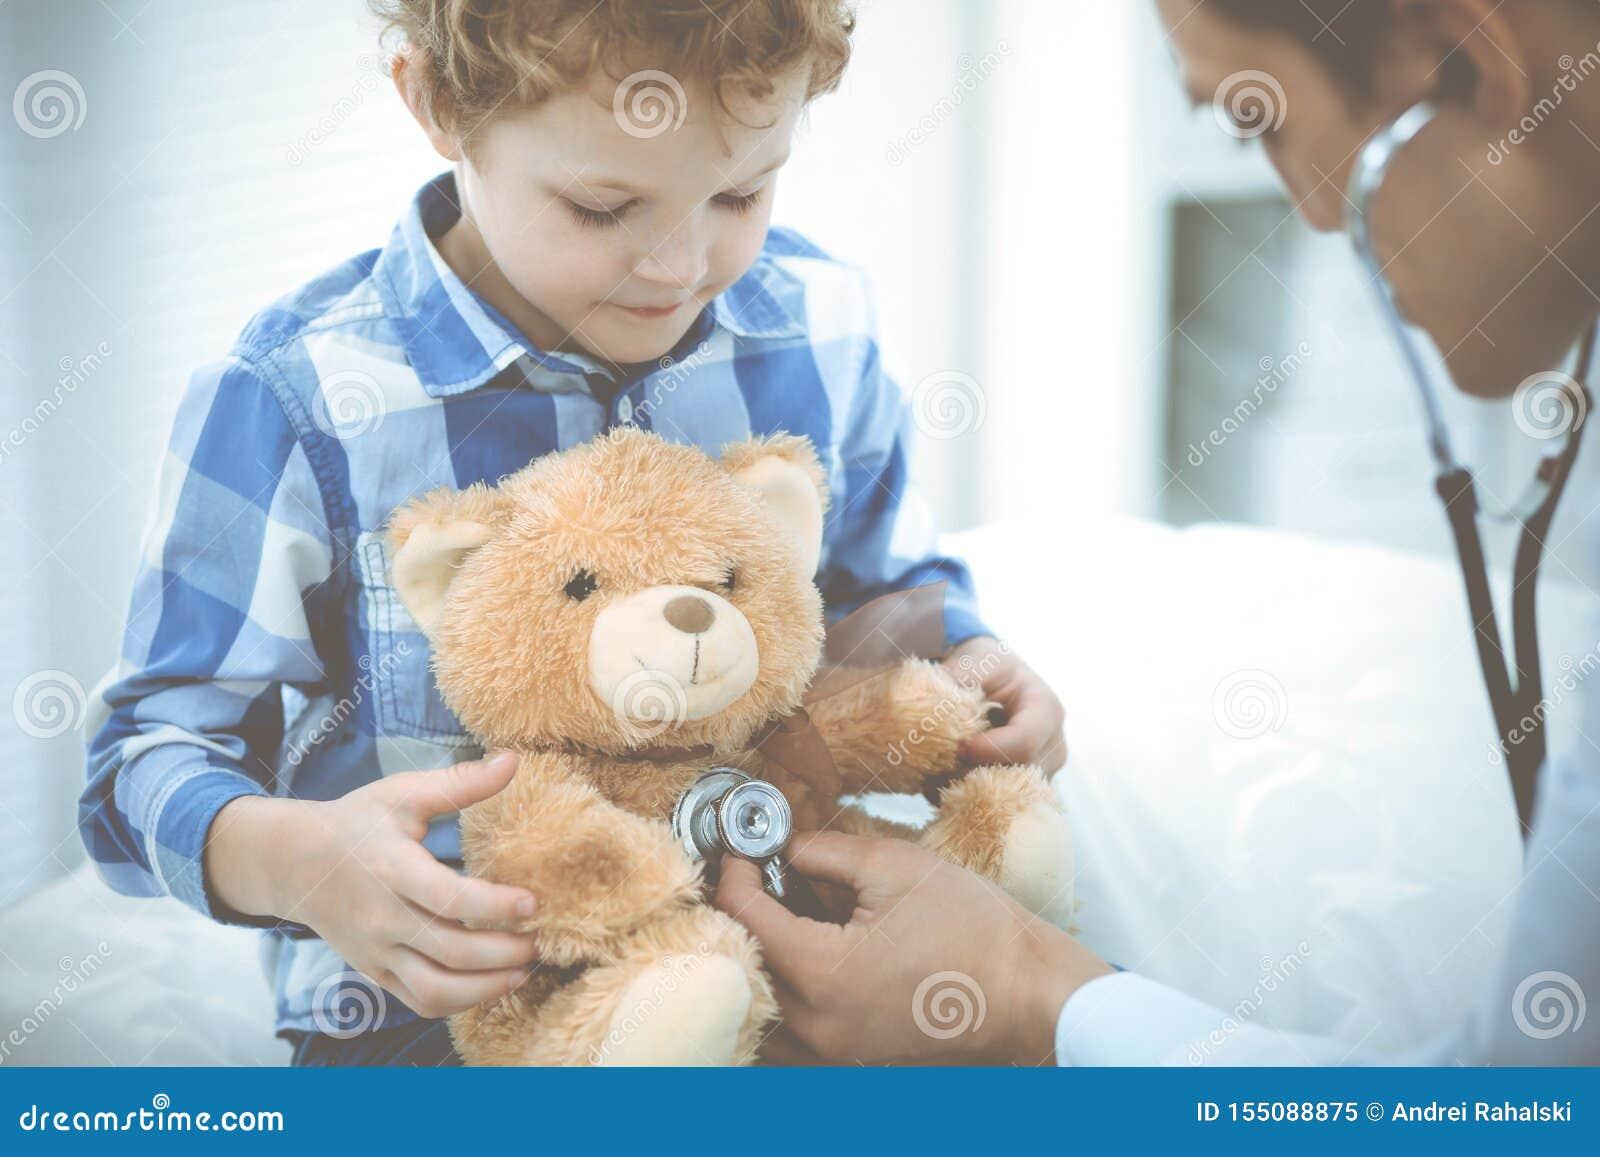 Arts en geduldig kind Arts die weinig jongen onderzoeken Regelmatig medisch bezoek in kliniek Geneeskunde en gezondheidszorg